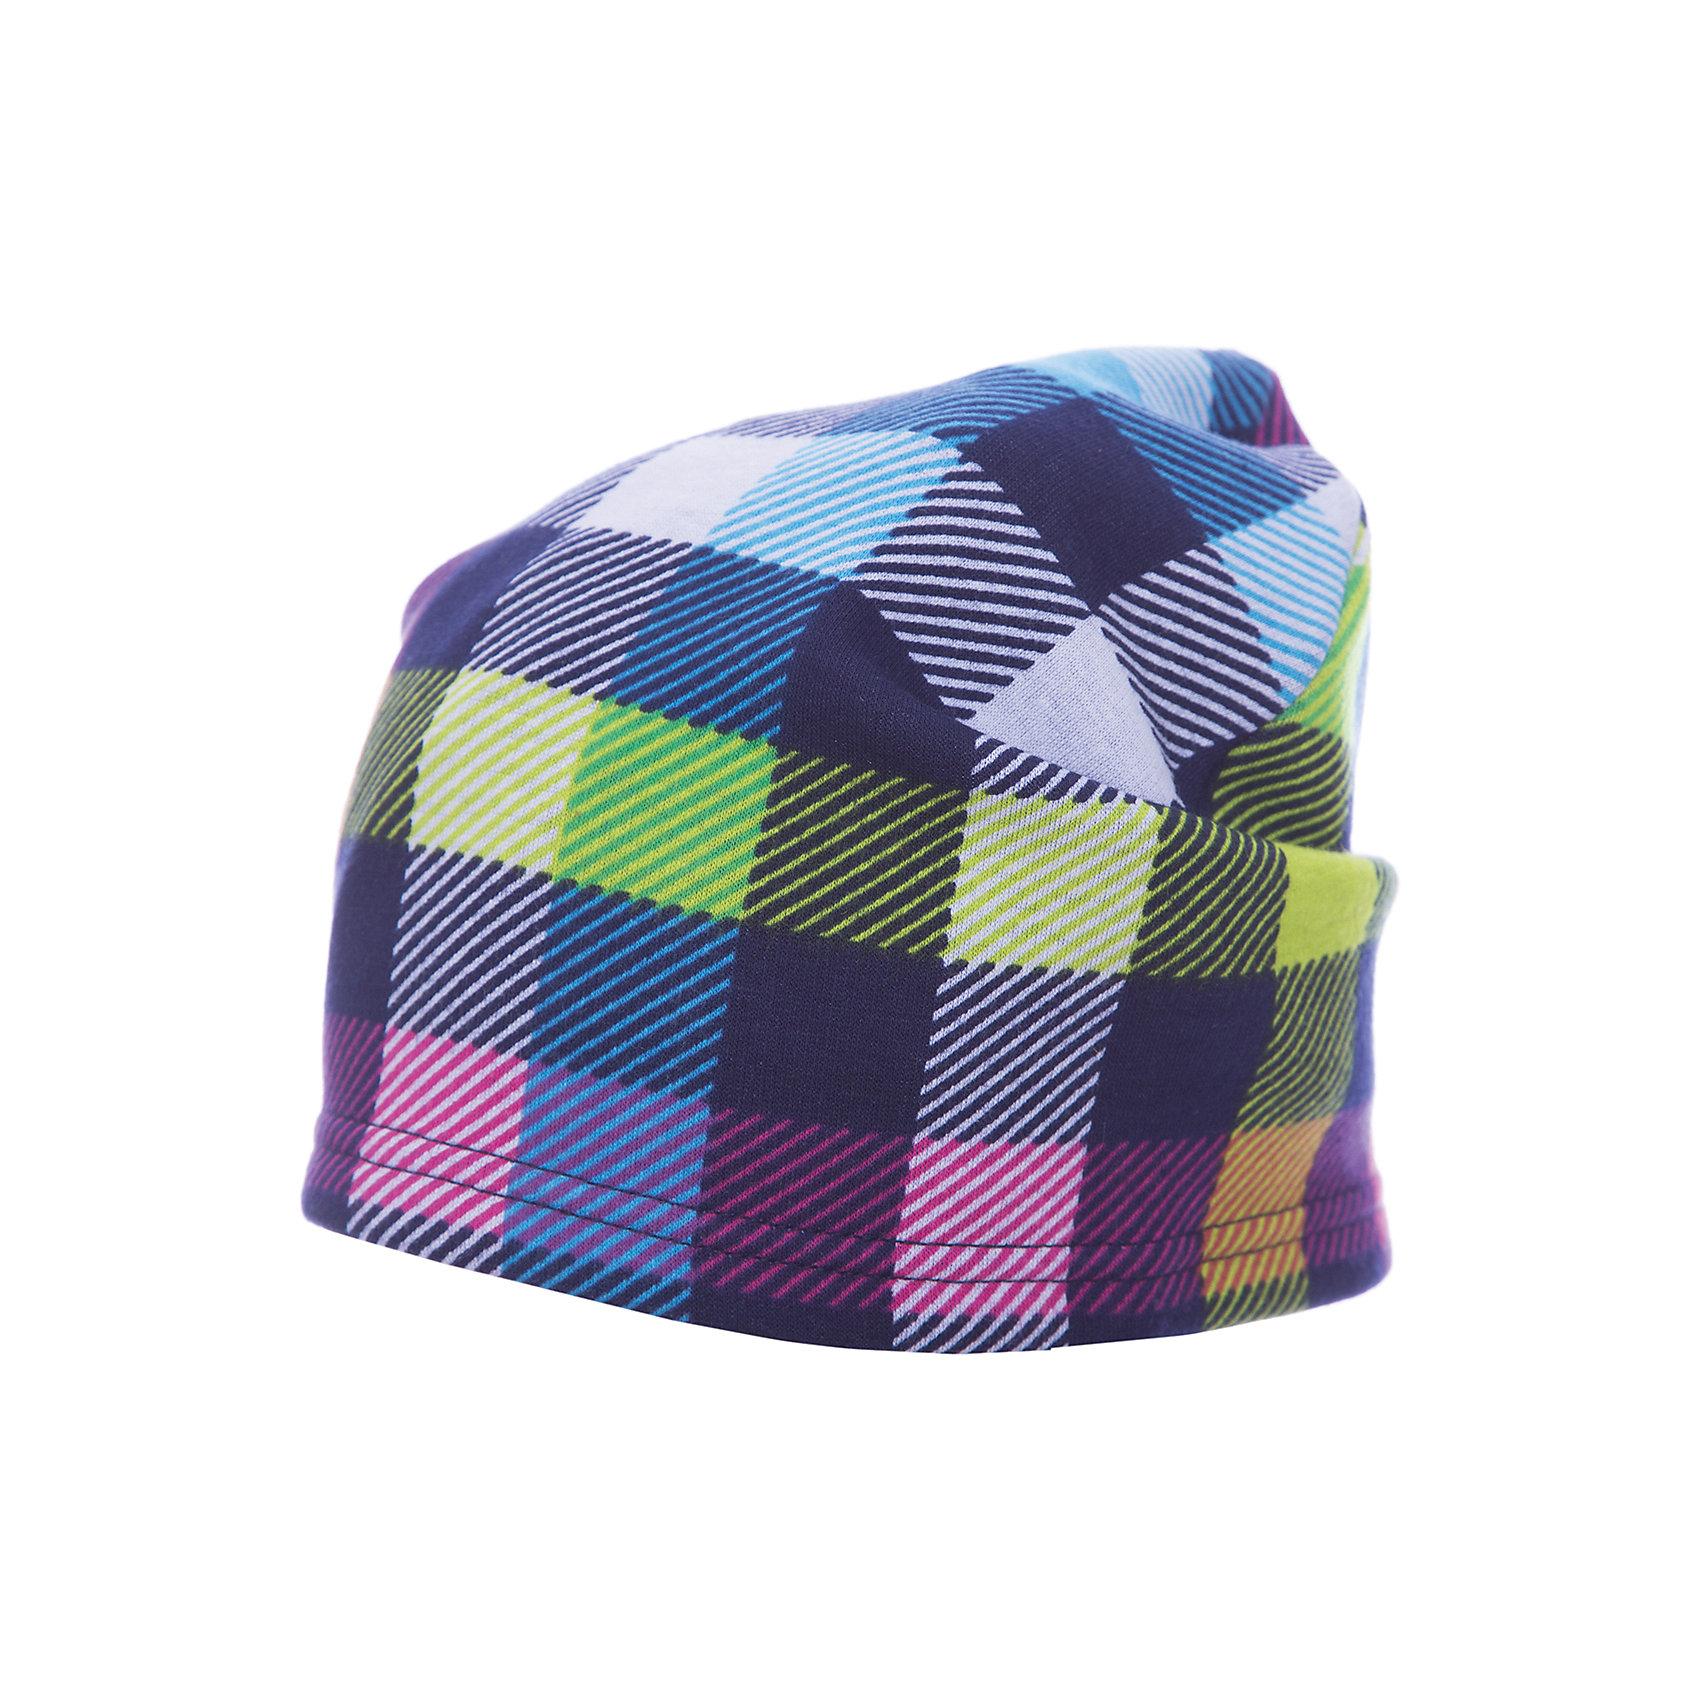 Шапка Scool для девочкиГоловные уборы<br>Шапка Scool для девочки<br>Плотная шапка с начесом. Модель из принтованной ткани. Хорошо облегает голову и комфортна при носке.<br>Состав:<br>100% полиэстер<br><br>Ширина мм: 89<br>Глубина мм: 117<br>Высота мм: 44<br>Вес г: 155<br>Цвет: белый<br>Возраст от месяцев: 96<br>Возраст до месяцев: 120<br>Пол: Женский<br>Возраст: Детский<br>Размер: 56,54<br>SKU: 7105620